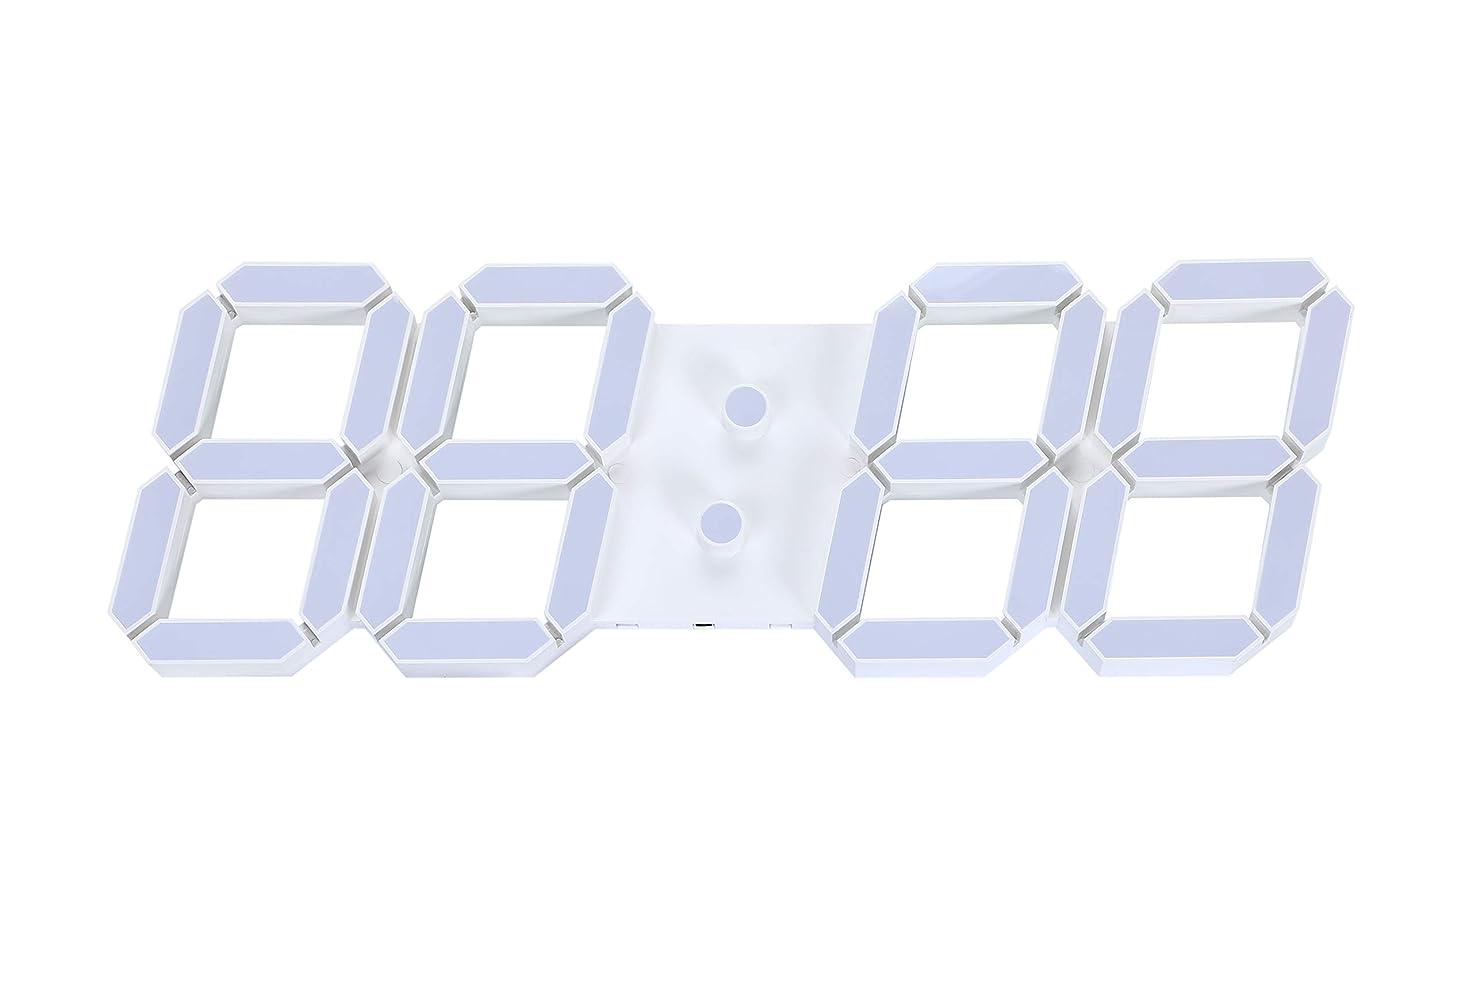 酸っぱい肖像画フットボールVANGOOD LED 壁掛け デジタル時計 - 3D 立体 wall ウォール clock リモコン付き USB電源 アダプタ付き (ホワイト)